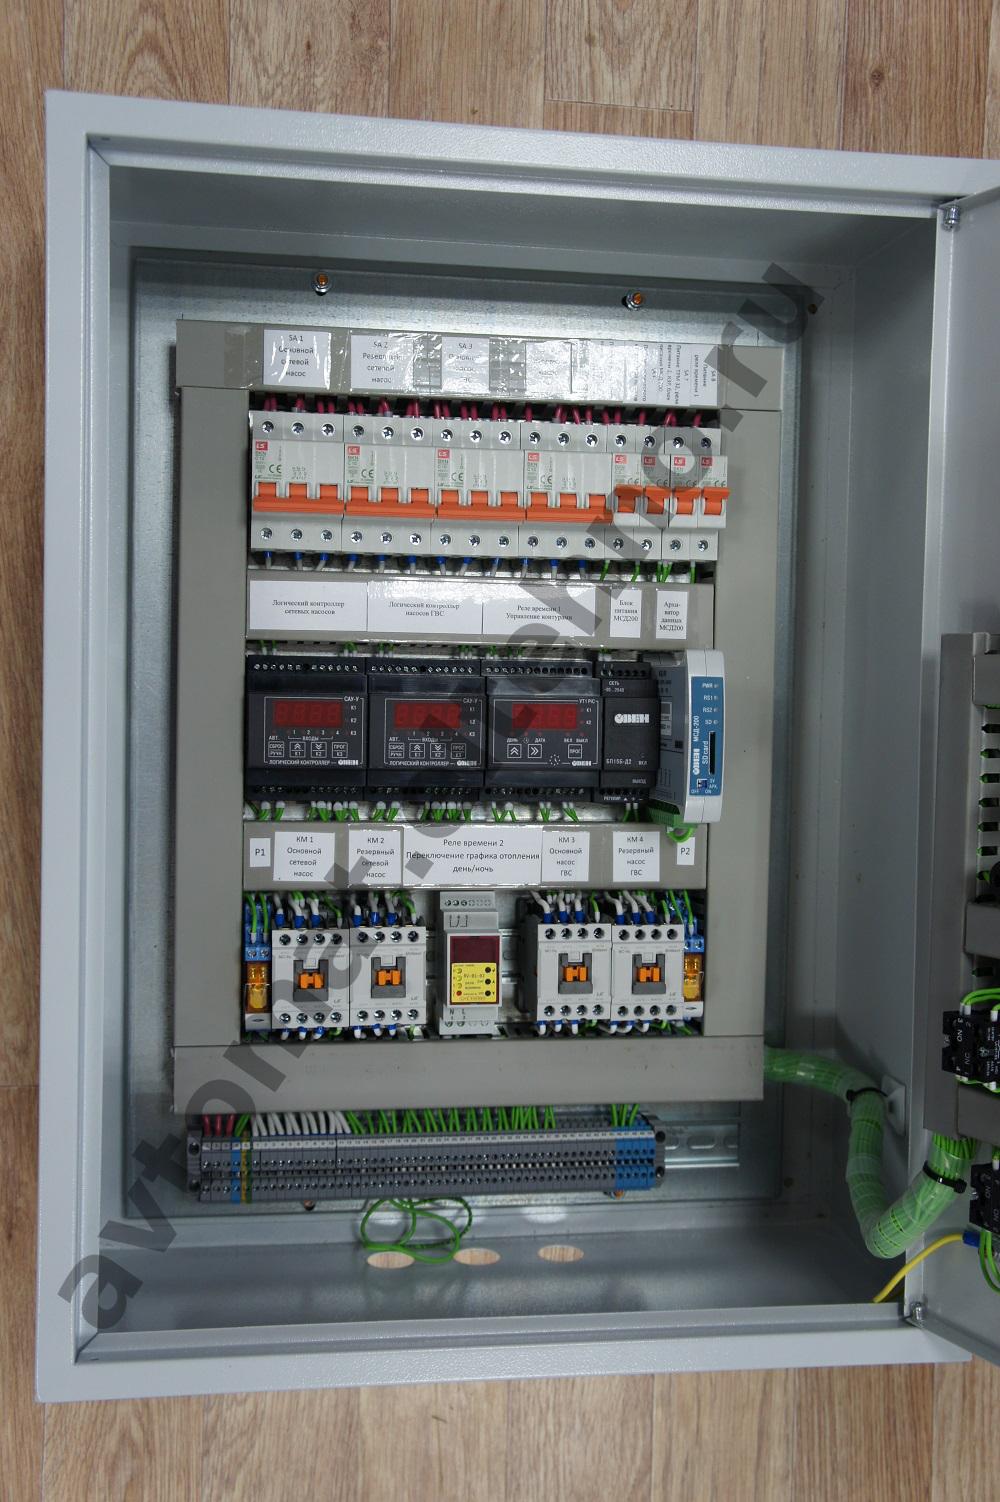 Начинка щита управления  расположение приборов автоматики ОВЕН внутри щита